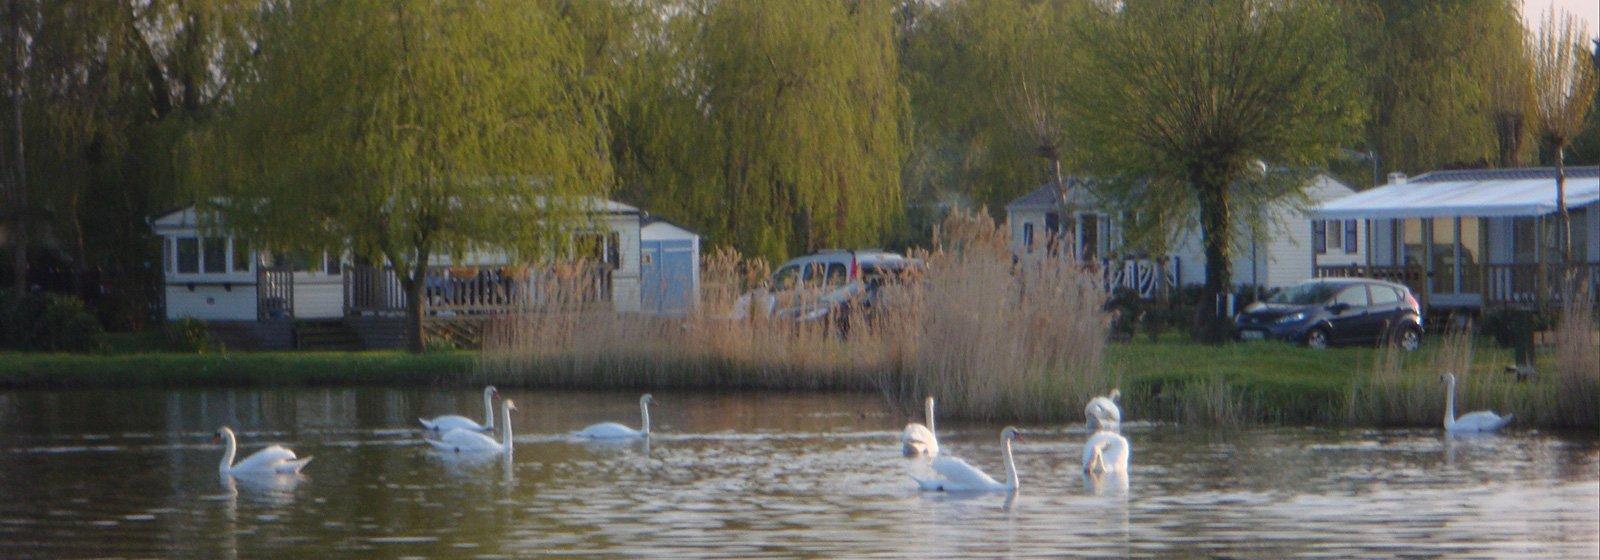 Camping Deauville au bord d'un étang